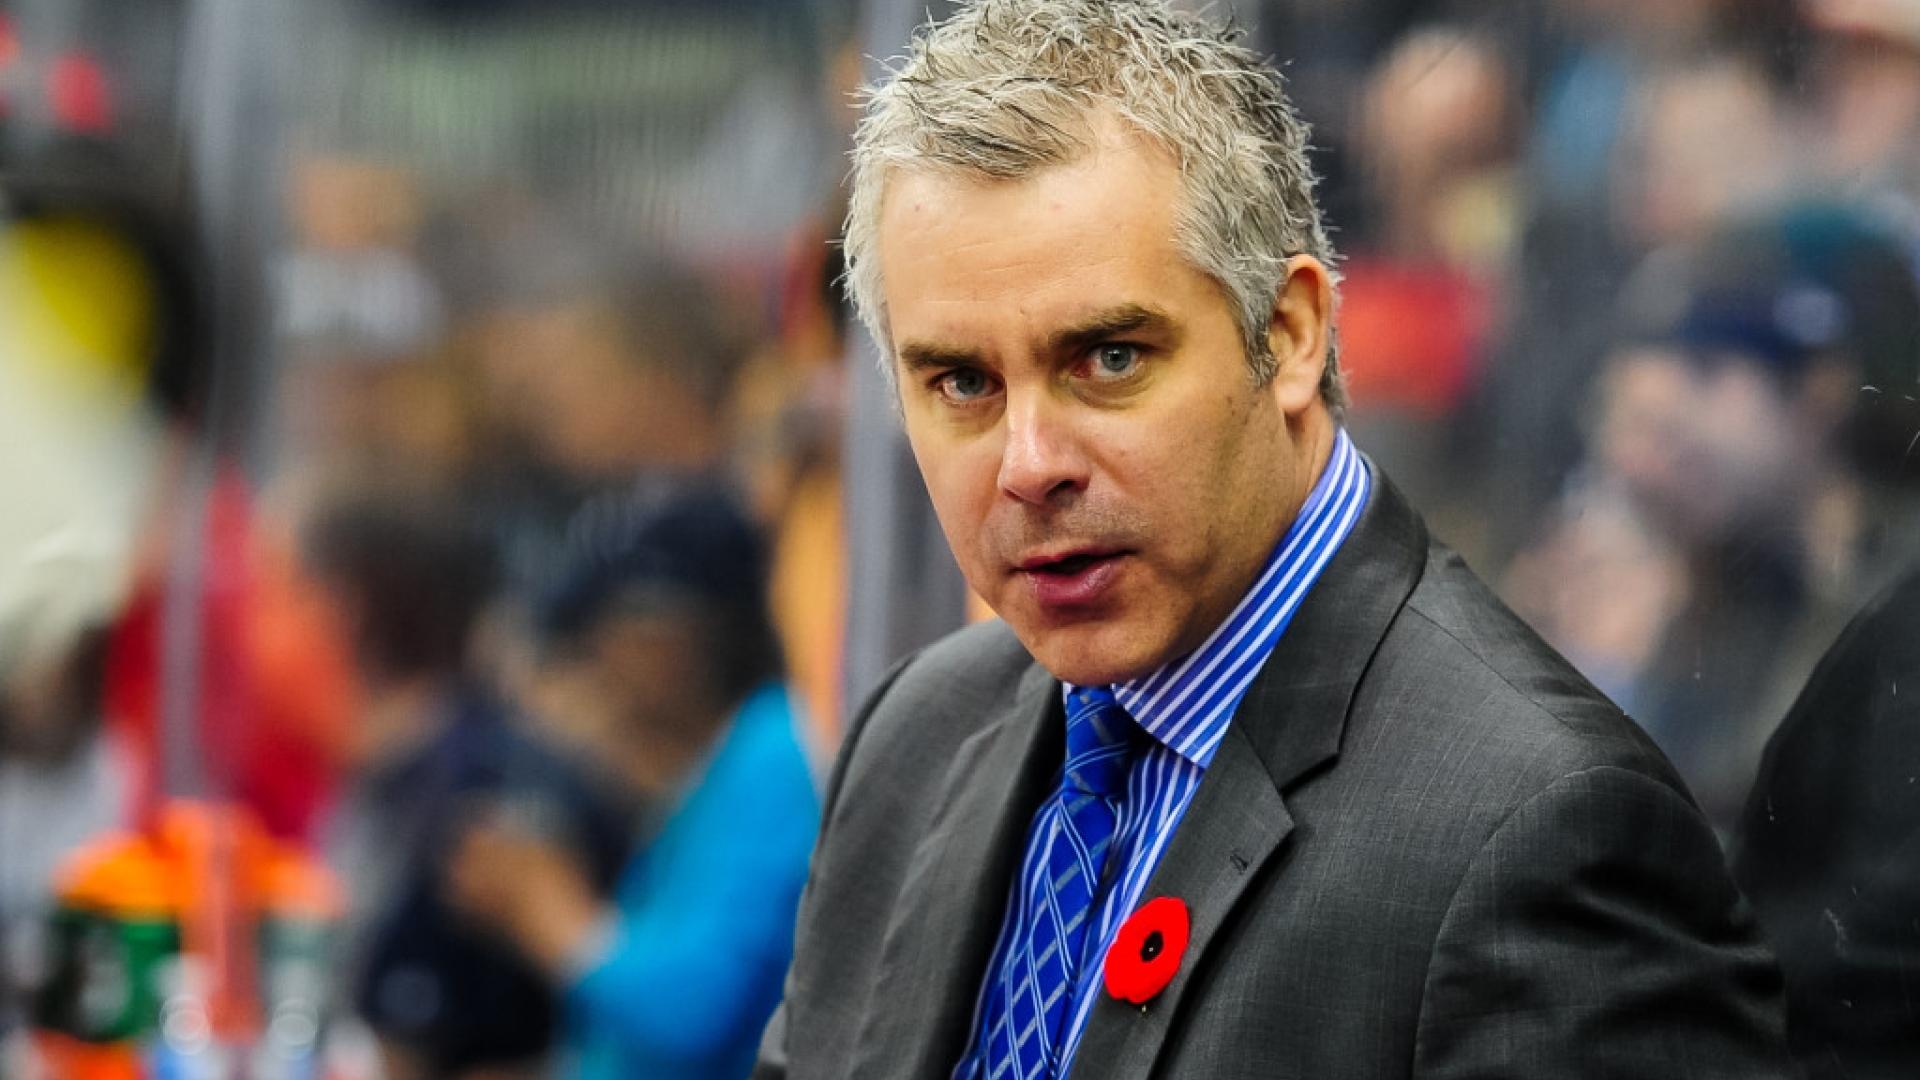 Dominique Ducharme est l'actuel entraineur-chef des Voltigeurs de Drummondville, mais il est possible qu'il se retrouve sous d'autres cieux l'an prochain